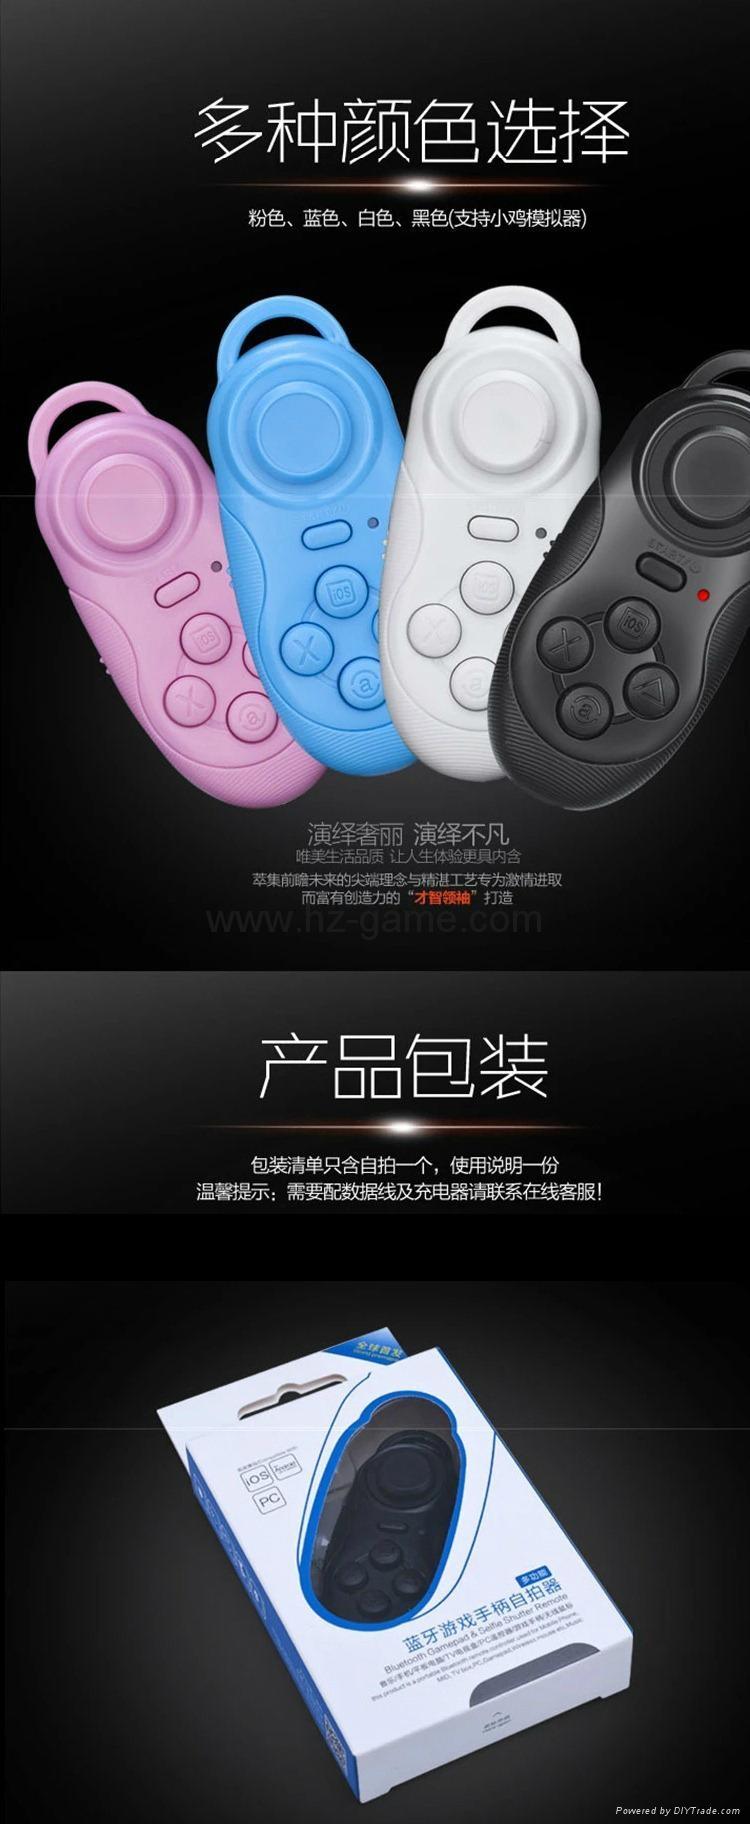 手机无线蓝牙游戏手柄 蓝牙自拍器 鼠标 遥控安卓苹果IOS迷你手柄 2